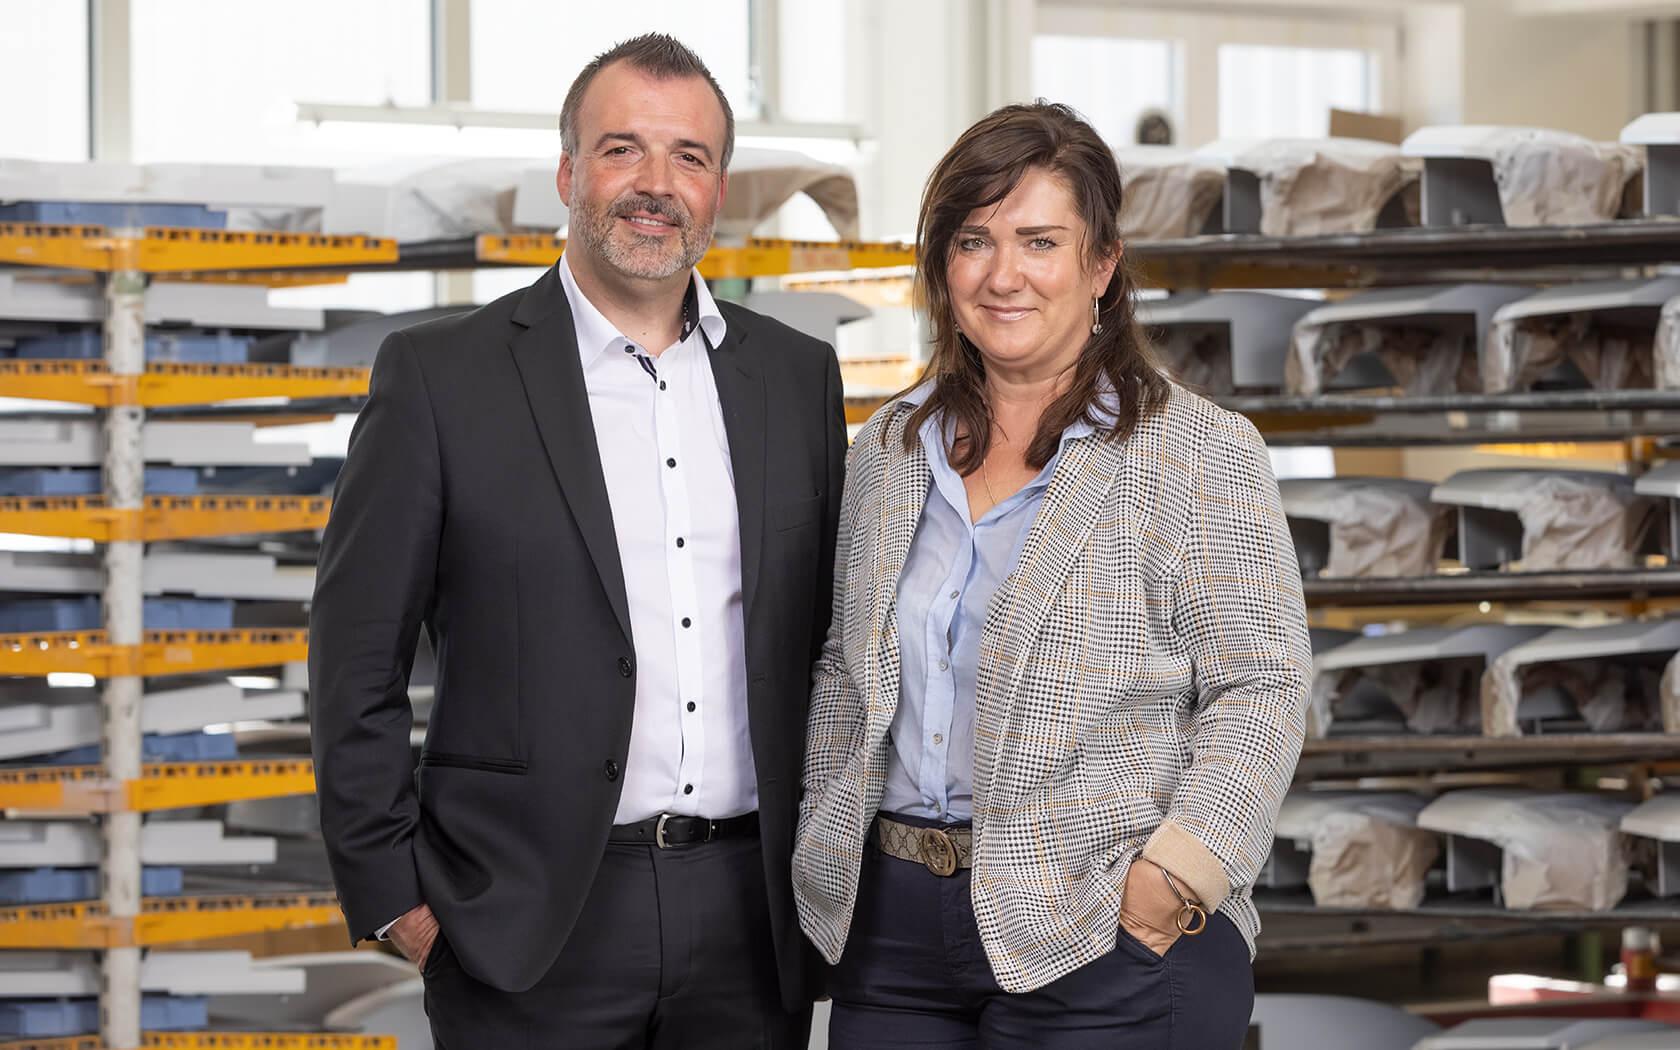 Unternehmen Vasić Industrielackierung: Zoran und Sanela Vasić